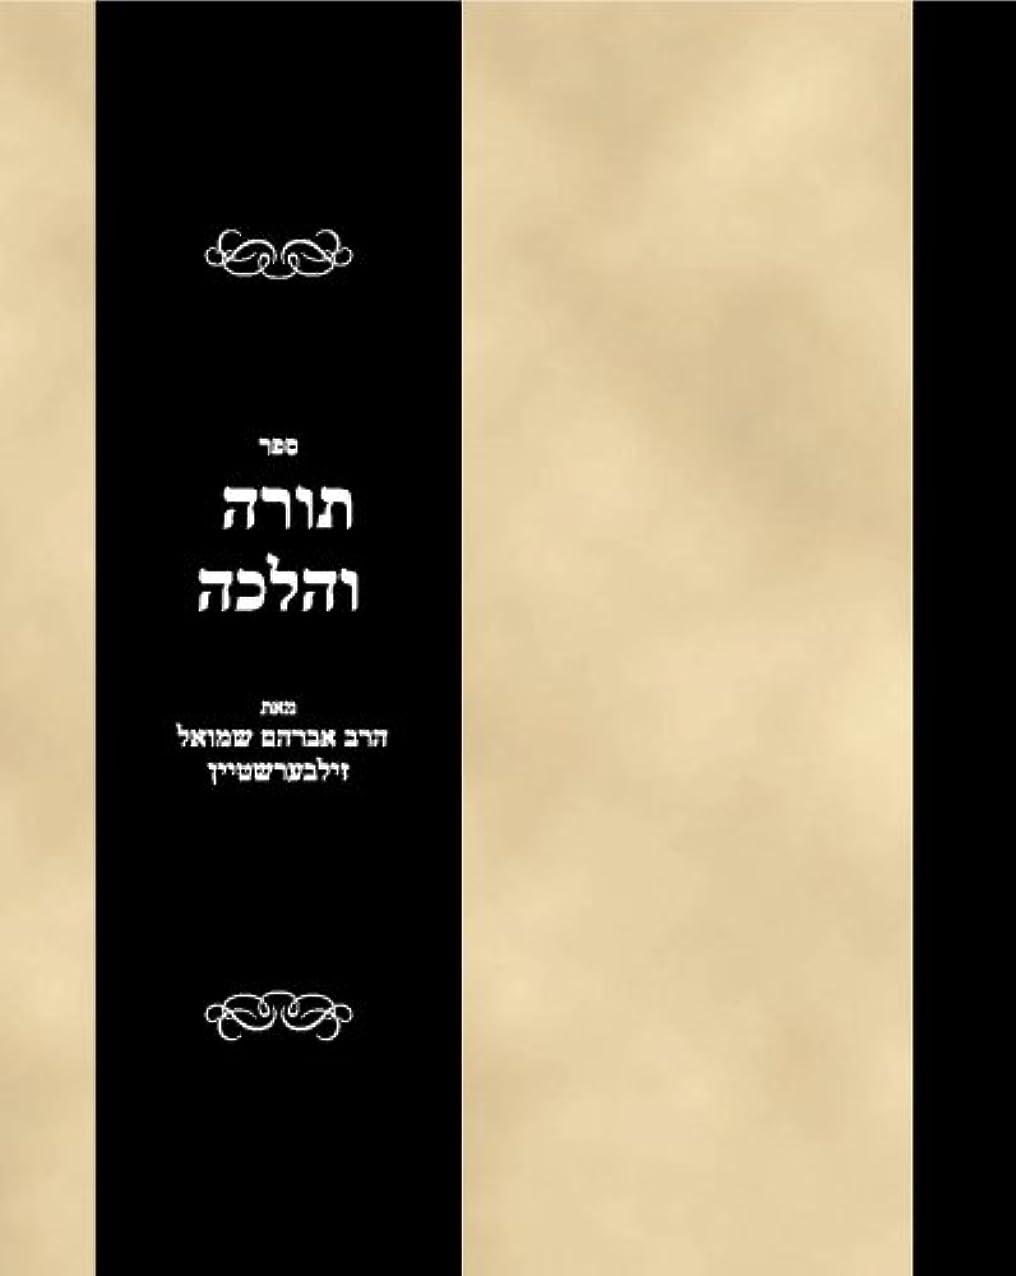 飼いならすディプロマ常識Sefer Torah va-halakhah Va-yaan Yosef